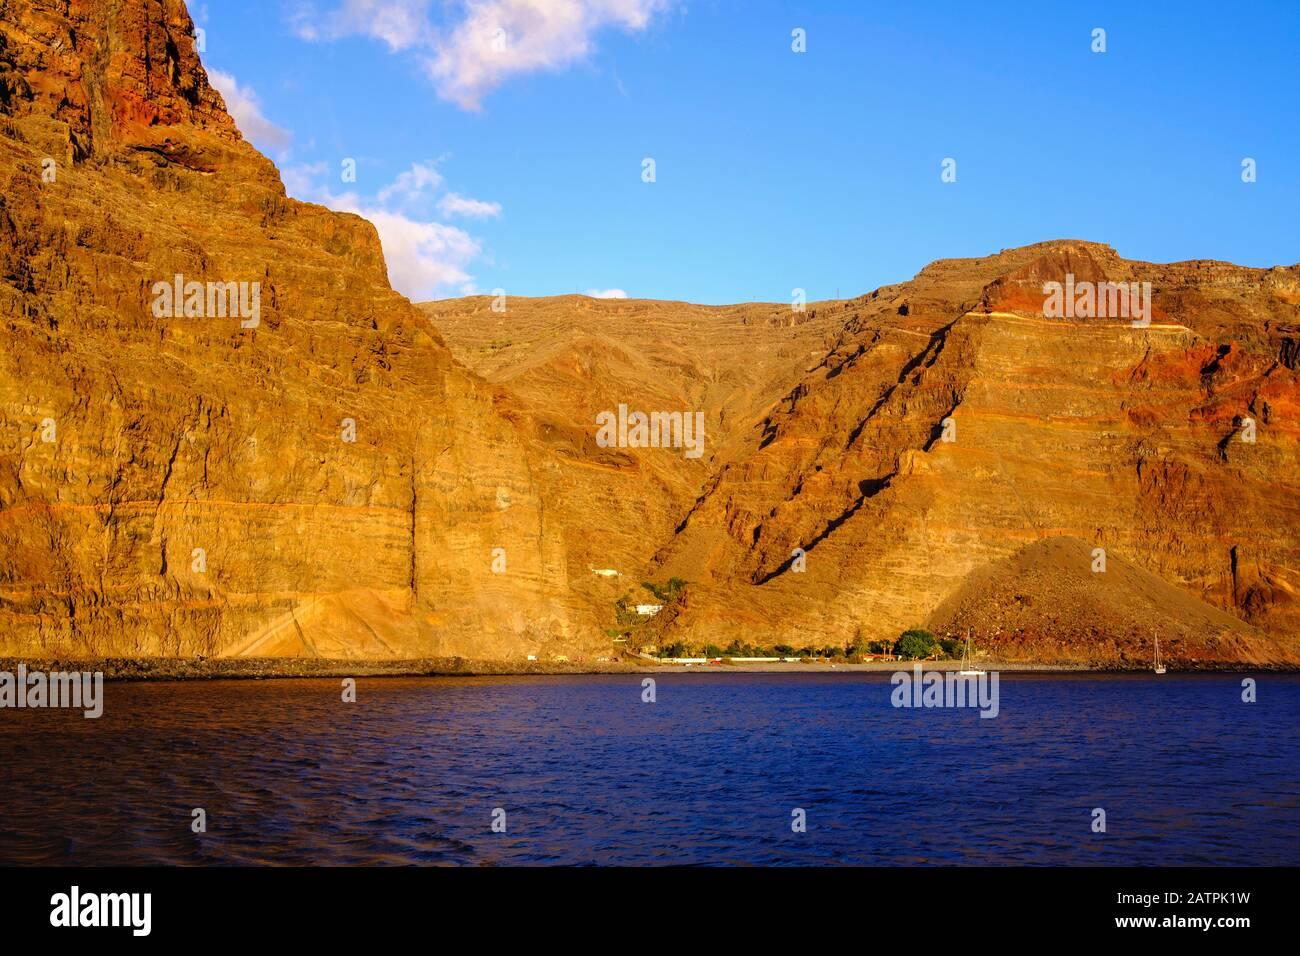 Playa de Argaga and Argaga Gorge near Vueltas, Valle Gran Rey, La Gomera, Canary Islands, Spain Stock Photo